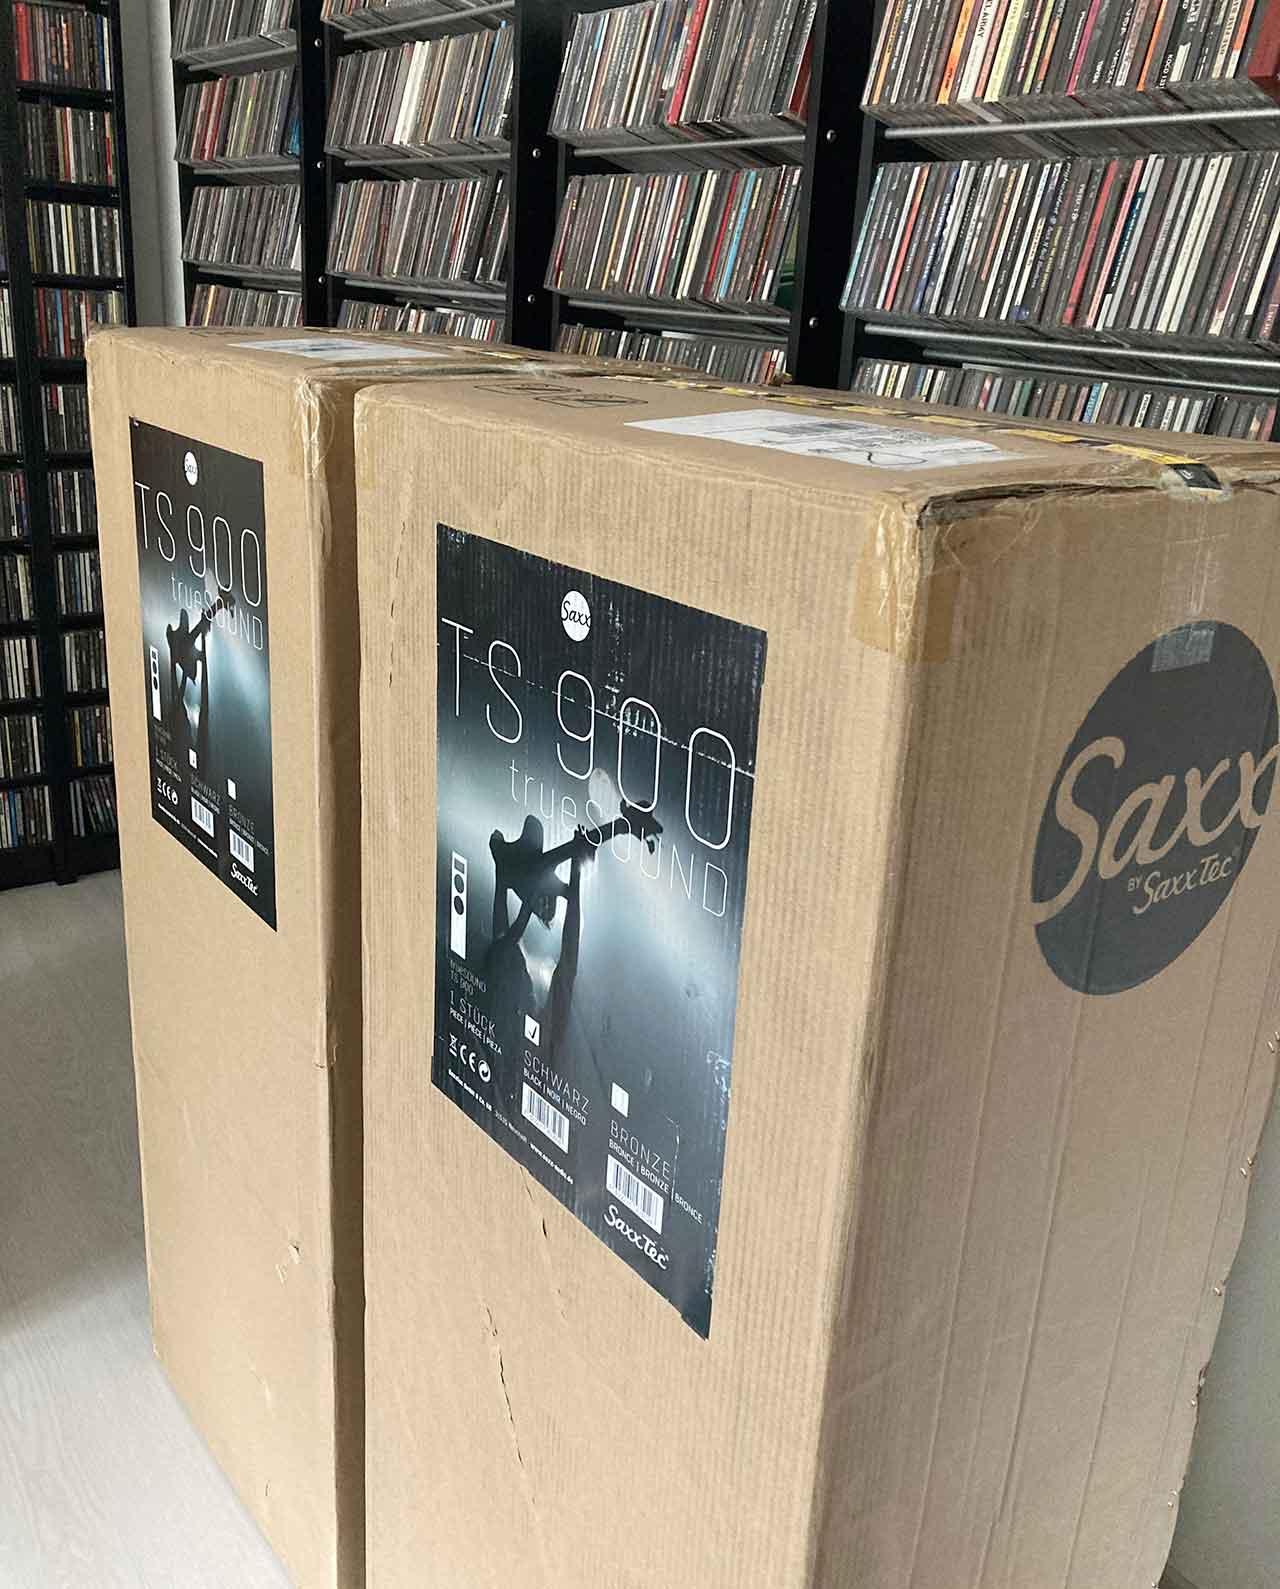 Die Truesound TS 900 von Sax stecken in nicht gerade kleinen Kartons...